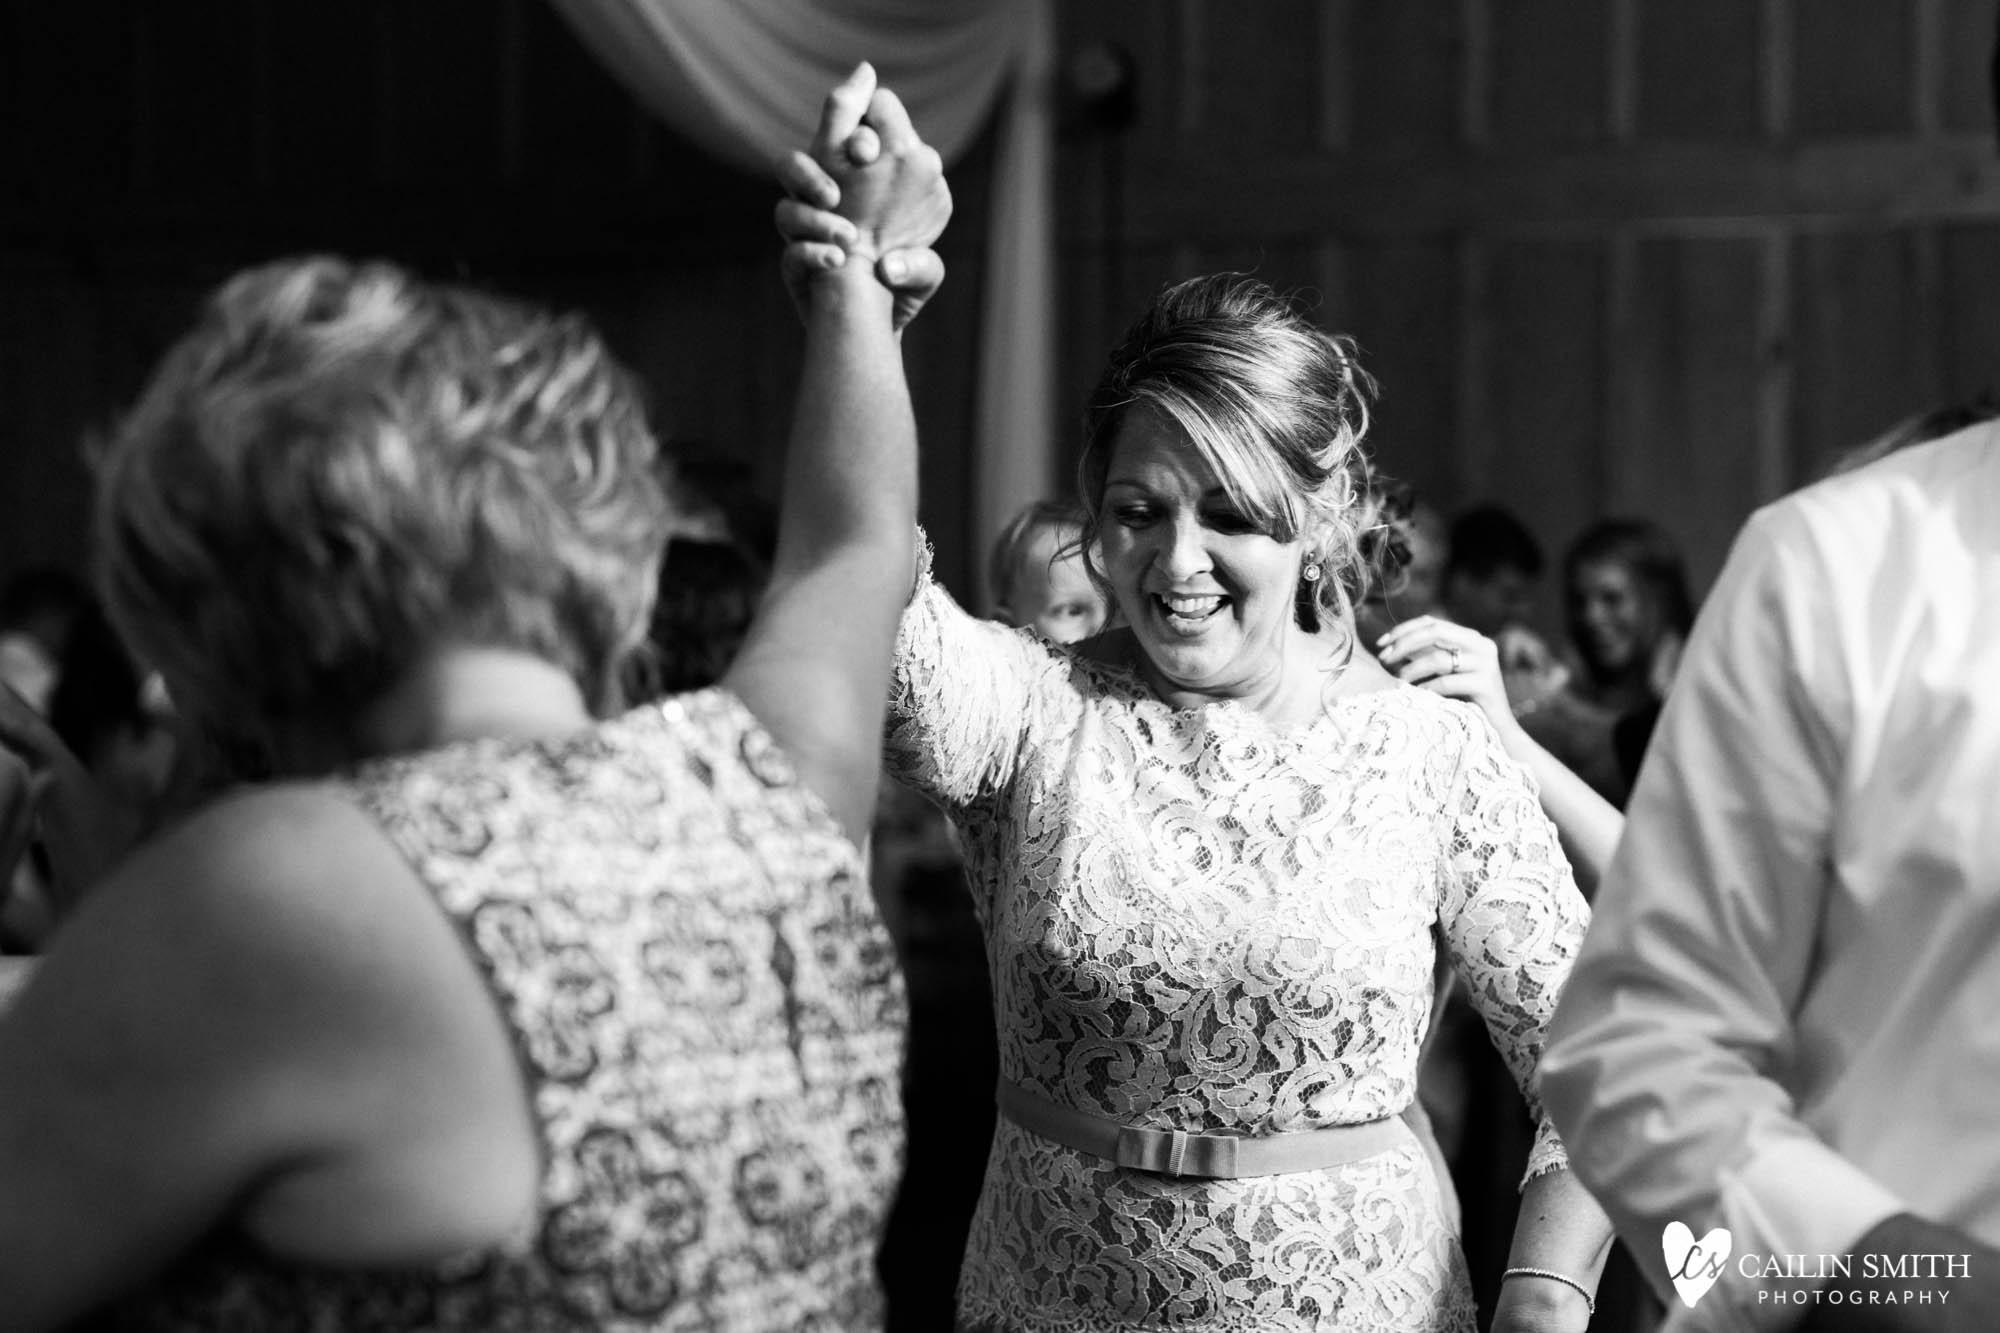 Bethany_Kyle_Bowing_Oaks_Plantation_Wedding_Photography_0112.jpg